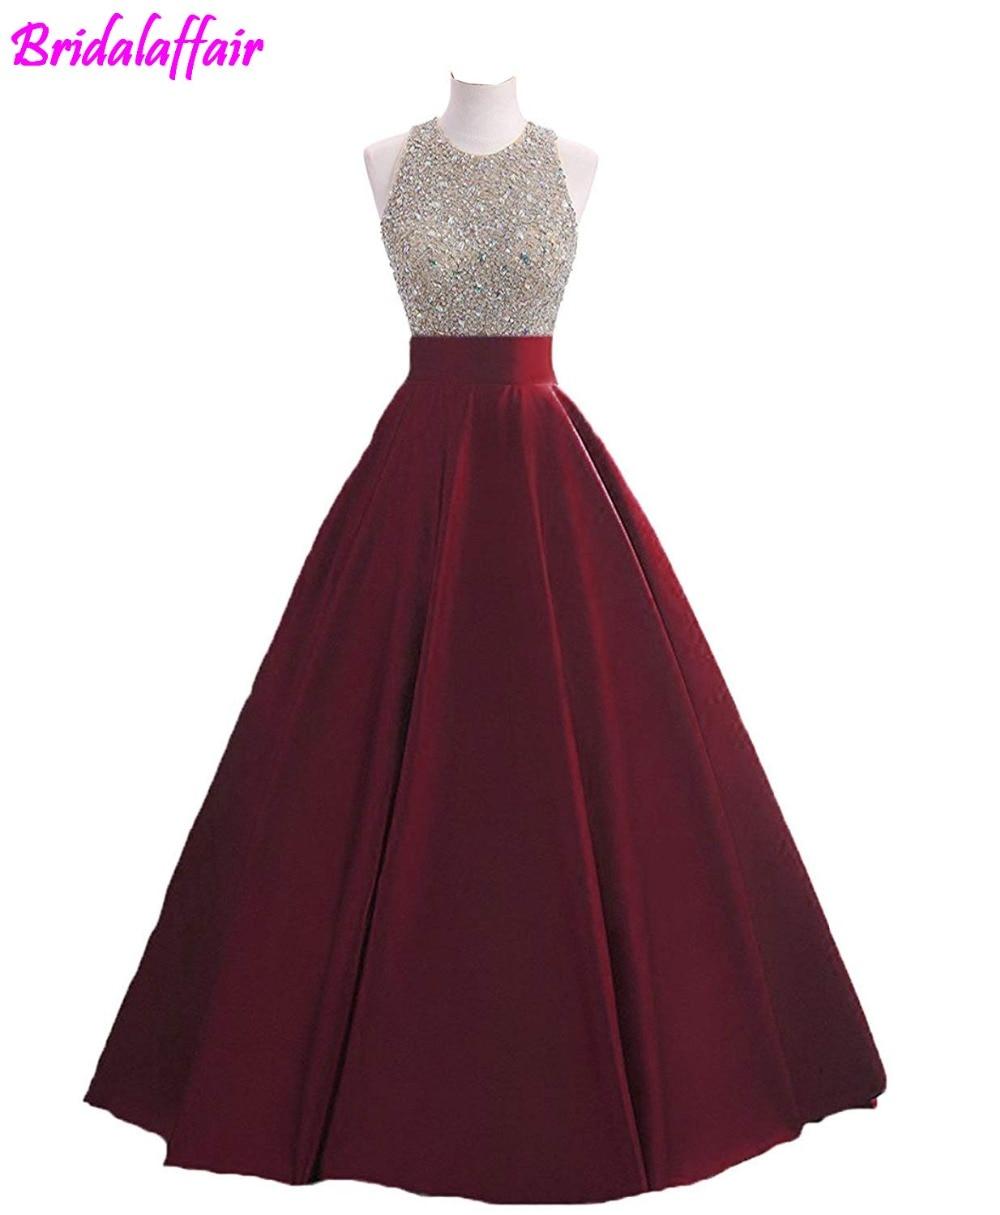 Paillettes pour femmes Keyhole retour robe de bal perlée bal robes formelles longue robe de bal robe formelle robe de soirée 2018 robe